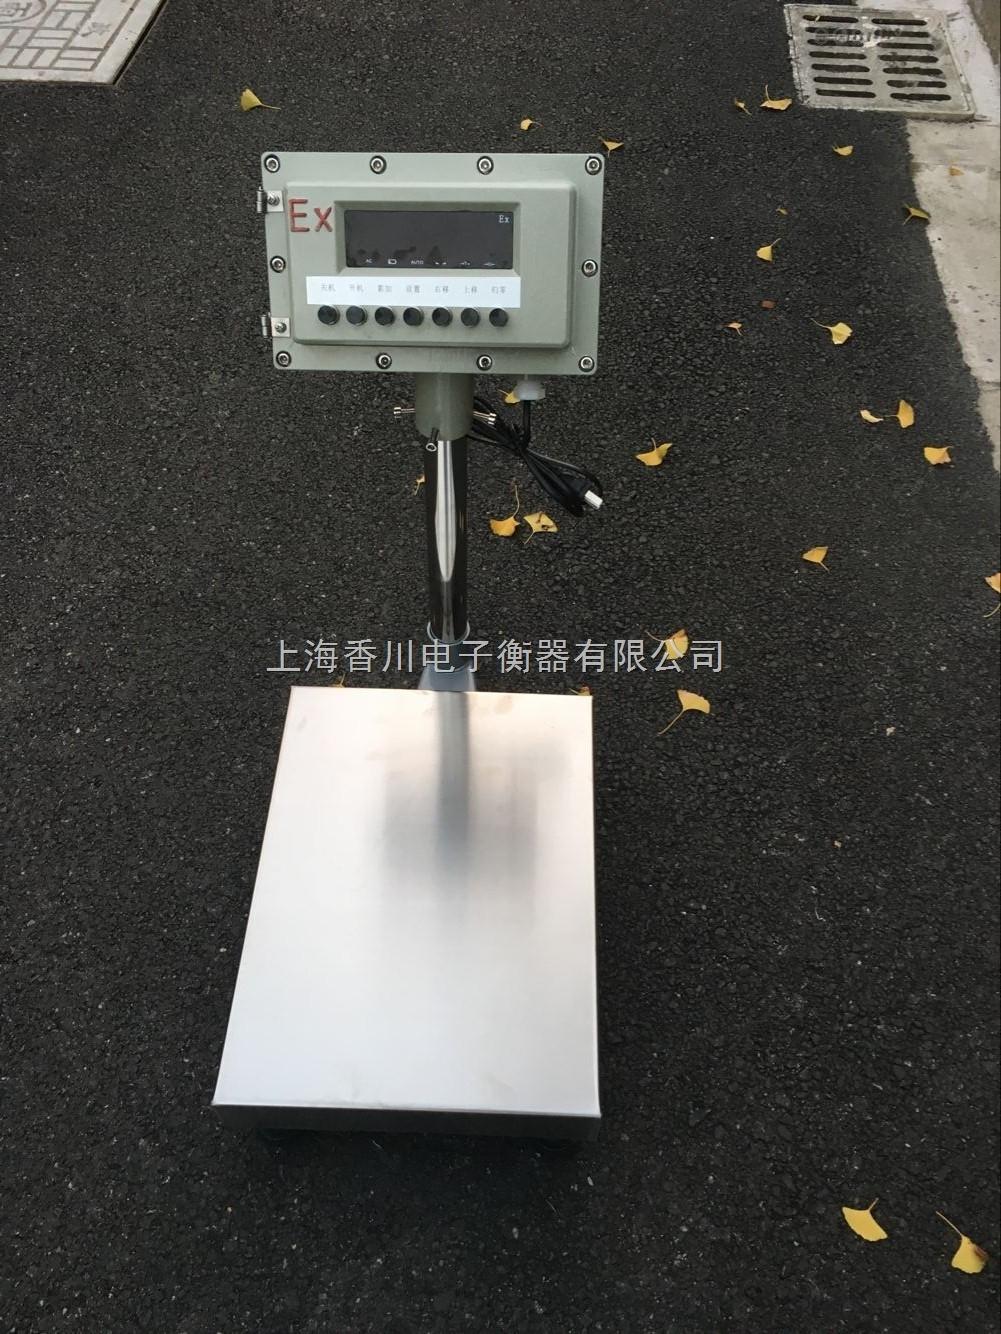 充羽绒秤生产厂家(液化气灌装秤销售价格